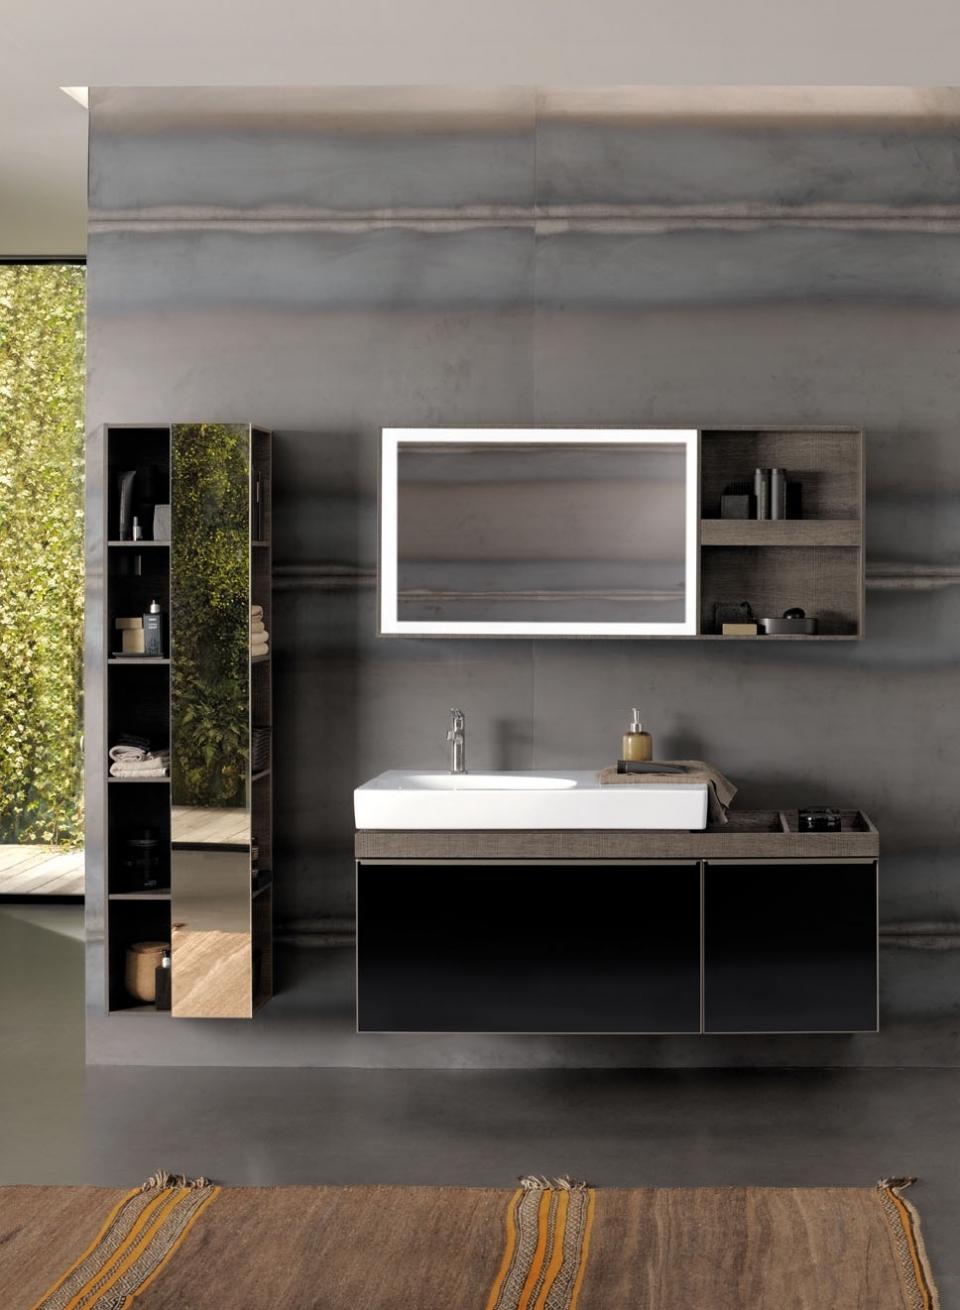 Neben dem Standard-Hochschrank mit Glasfront auch ein Regal mit reduzierter Tiefe, Spiegel auf der Frontseite und offenen Fächern vorne und seitlich zur Auswahl. Der Spiegel ist drehbar.